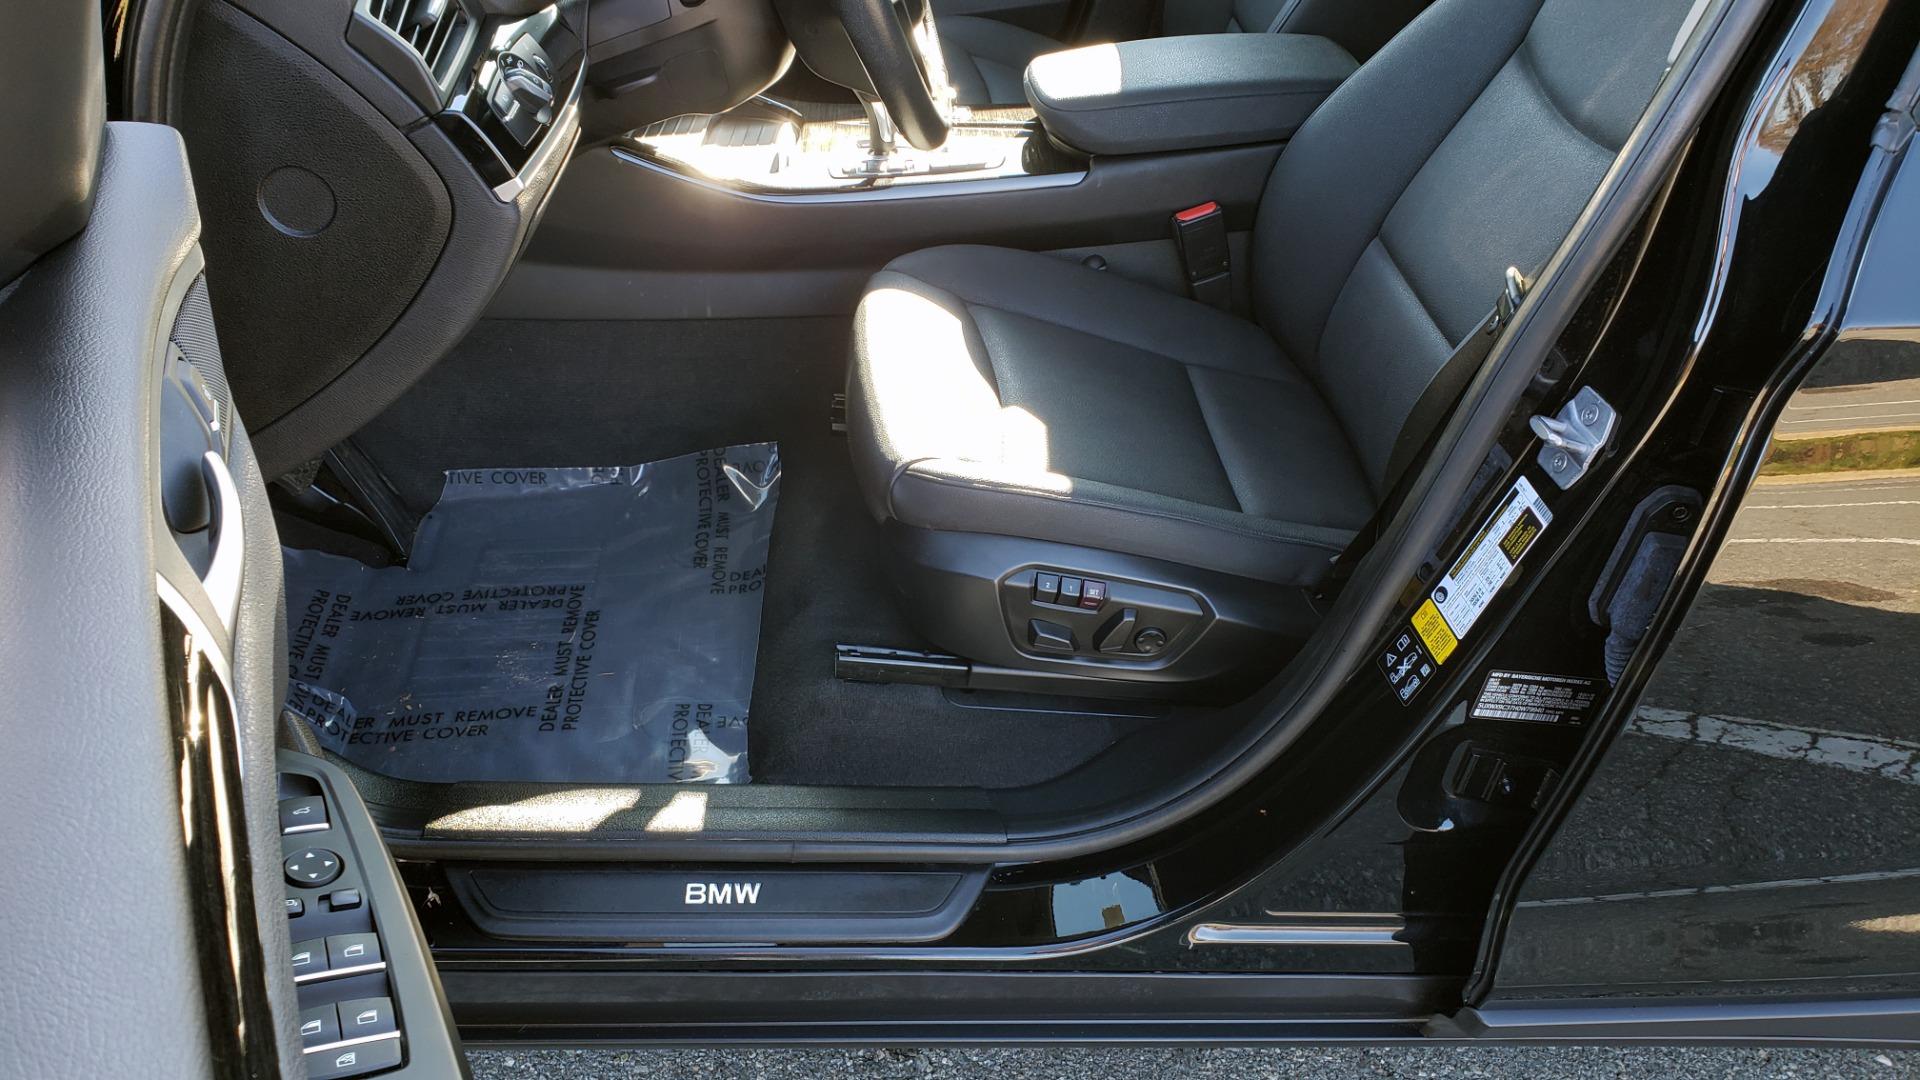 Used 2017 BMW X3 XDRIVE28I / PREM PKG / NAV / DRVR ASST / HTD STS / CAMERAS for sale Sold at Formula Imports in Charlotte NC 28227 41